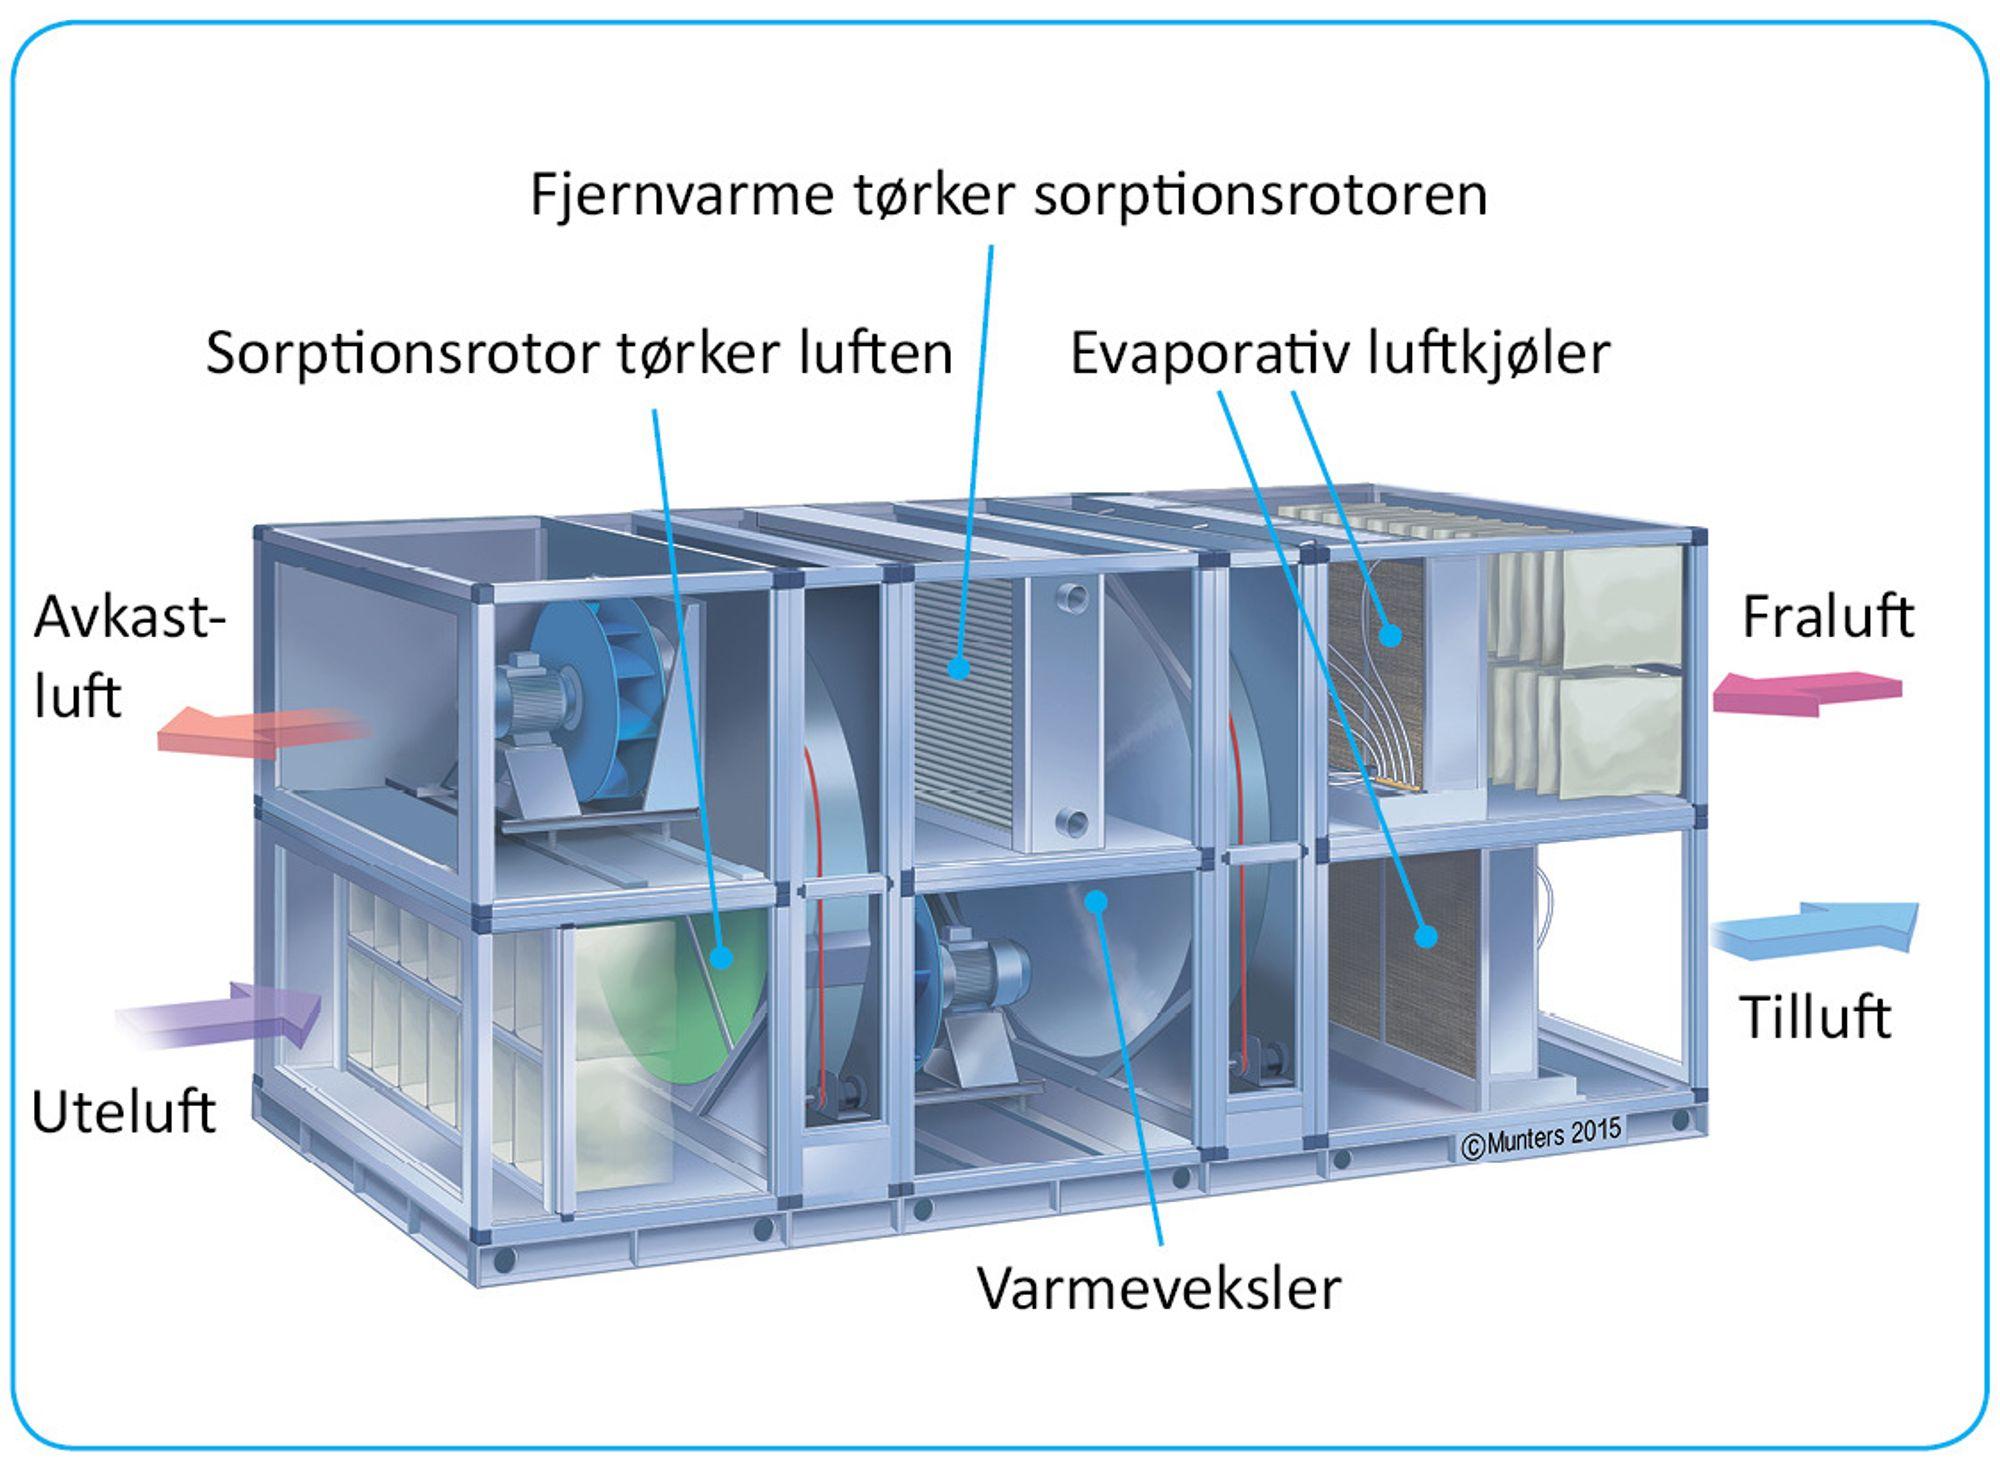 Slik fungerer sorptiv kjøling: Uteluften renses. Så tørkes den i en varmegjenvinner. Uteluften avgir så varme til avtrekksluft i en varmegjenvinner. Deretter kjøles uteluften ned ved hjelp av vannmolekyler.